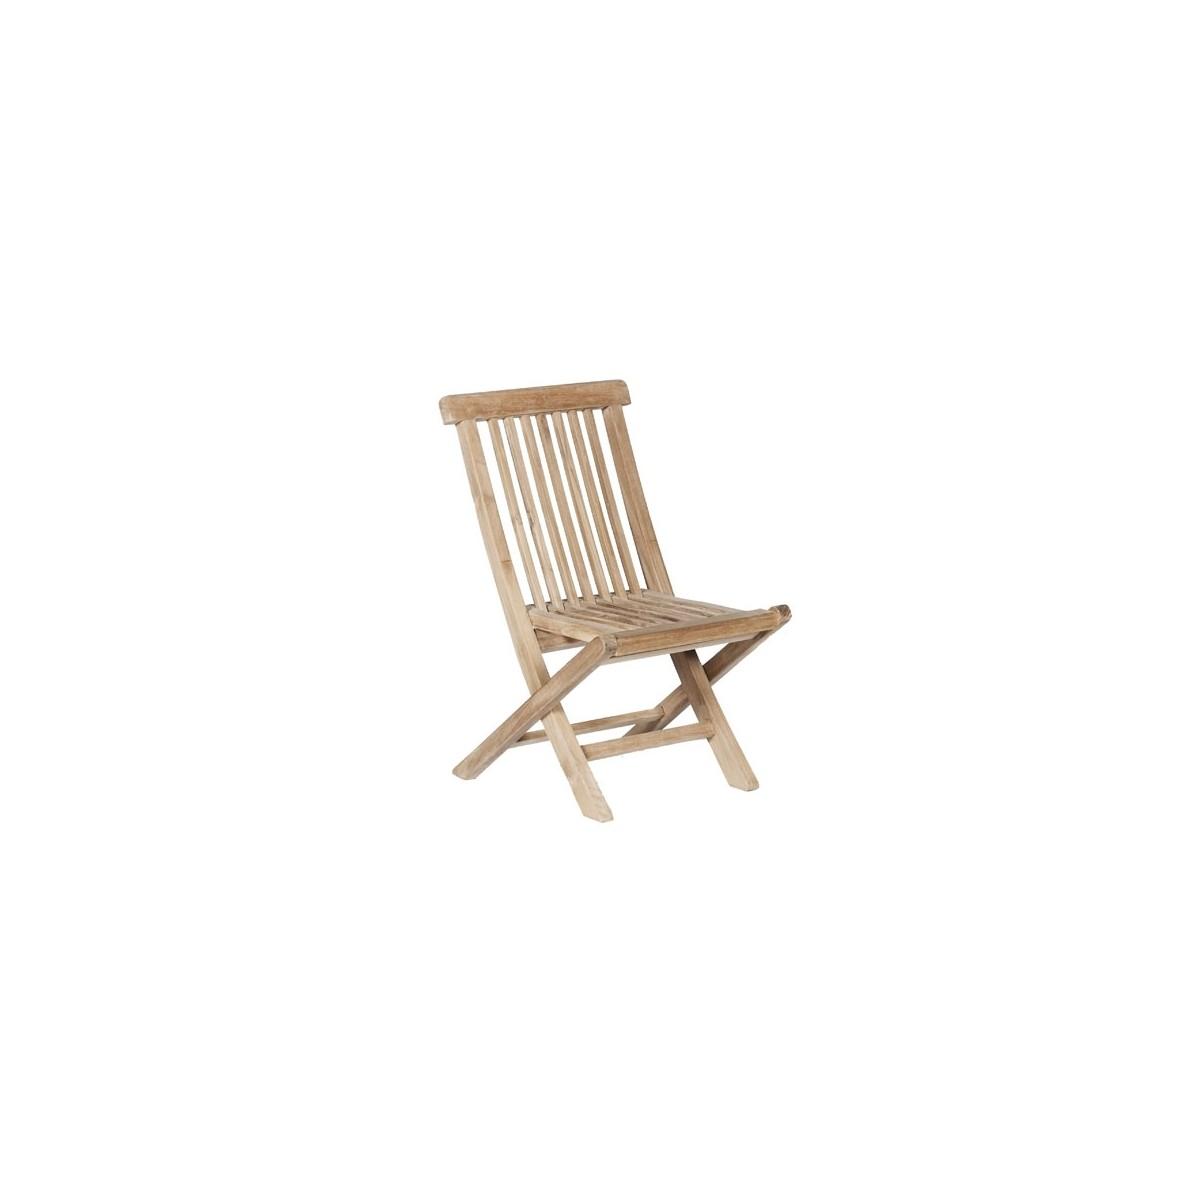 Chaise de jardin enfant en bois de teck midland bois dessus bois dessous for Chaise de jardin newton